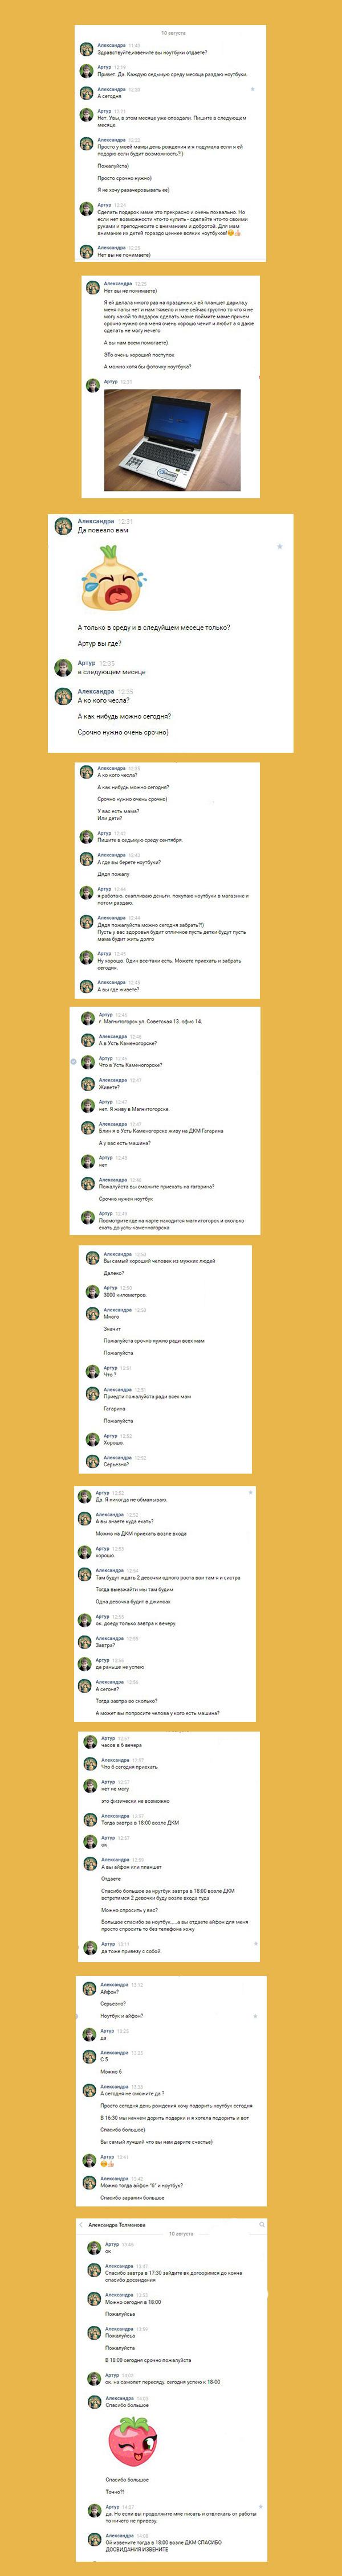 Попрошайки совсем офигели! Взято с городского паблика ВК подслушано в Усть-Каменогорске, Казахстан:) у-Ка, Подслушано, Казахстан, Попрошайки, Длиннопост